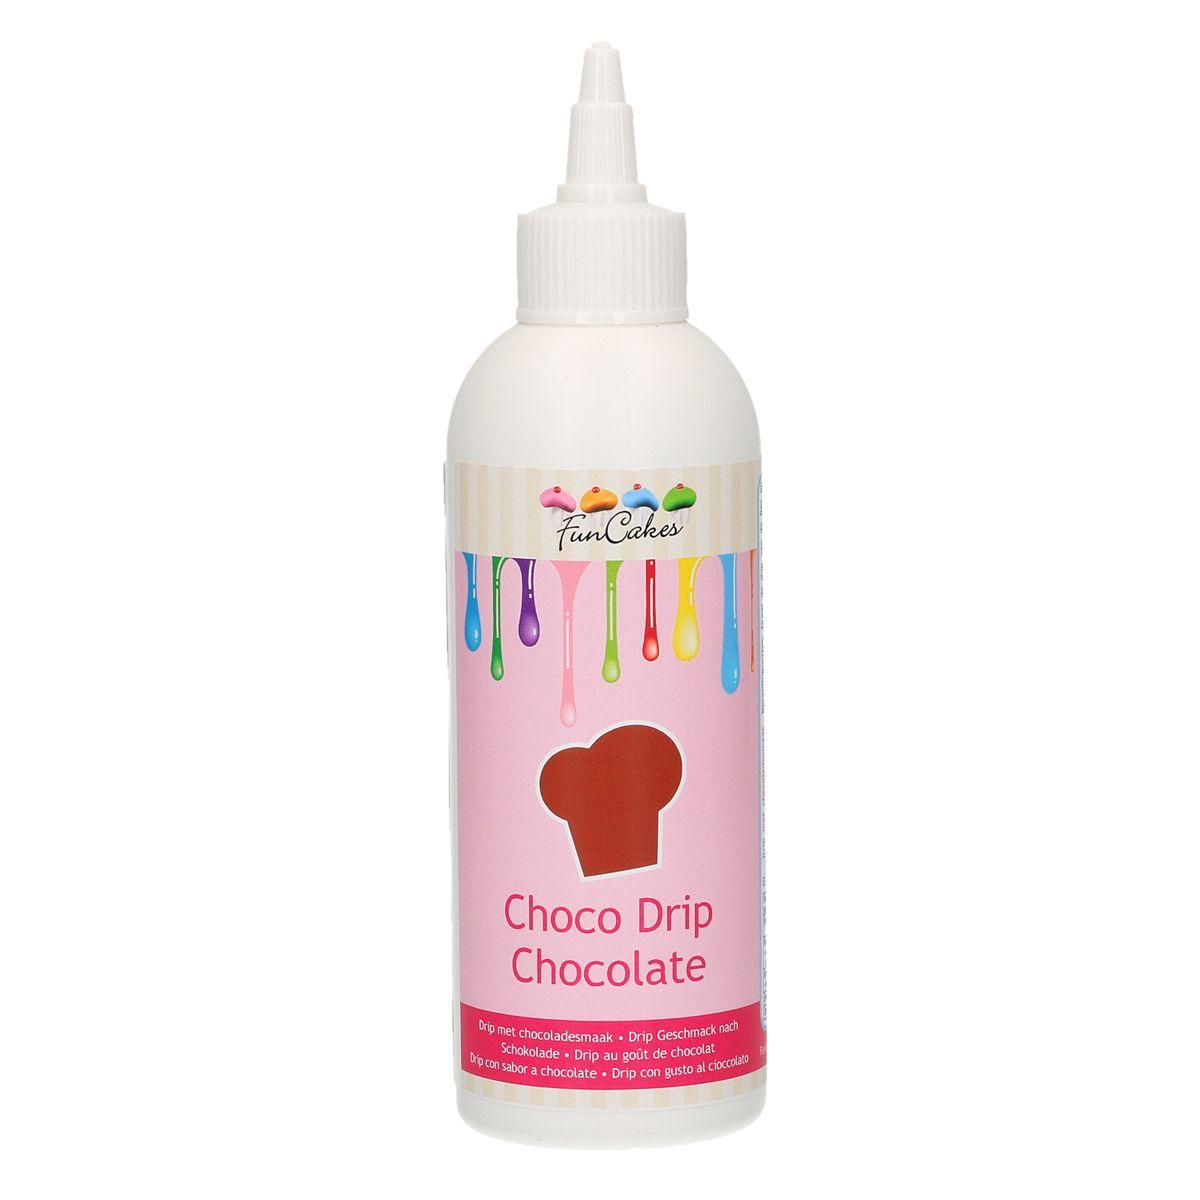 Funcakes Choco Drip - Chocolate Braun 180g